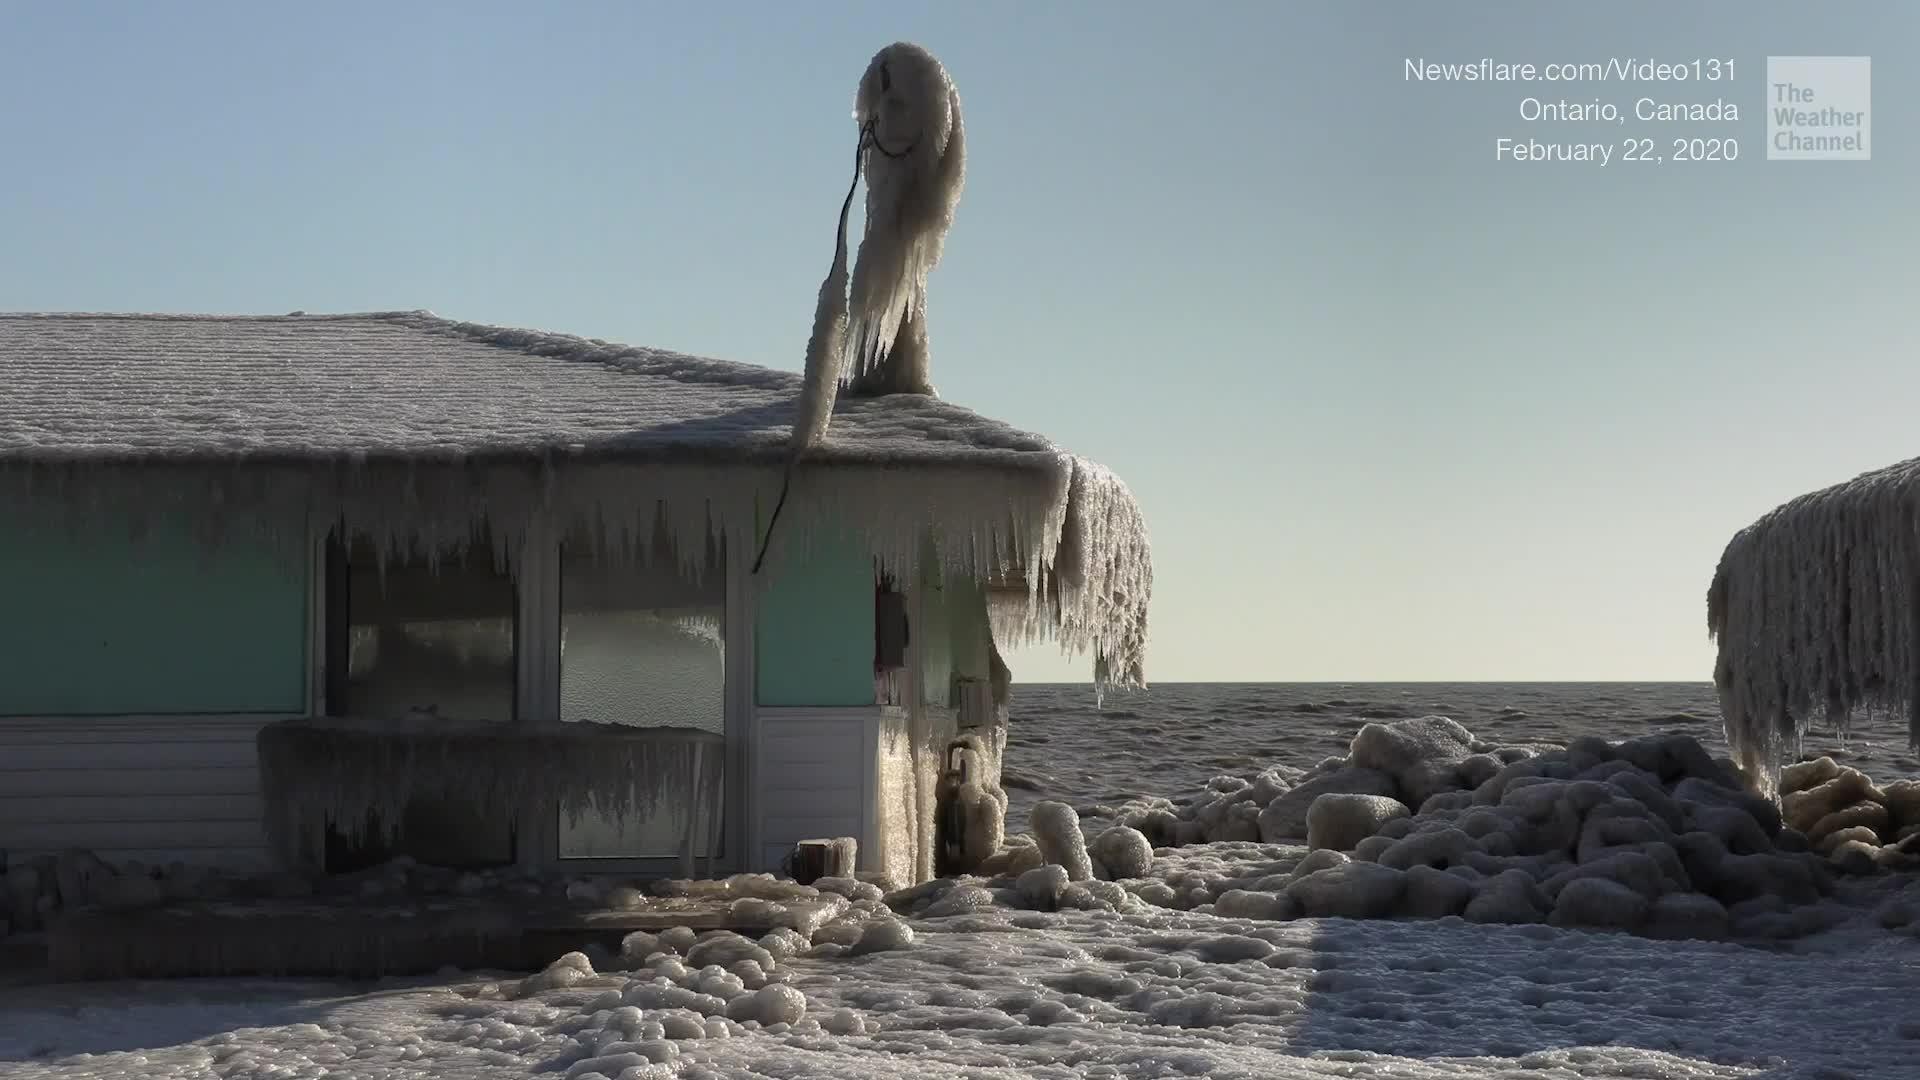 Brrrrr. El viento sopló un spray congelante a lo largo de la orilla del Lago Erie en Ontario, Canadá.